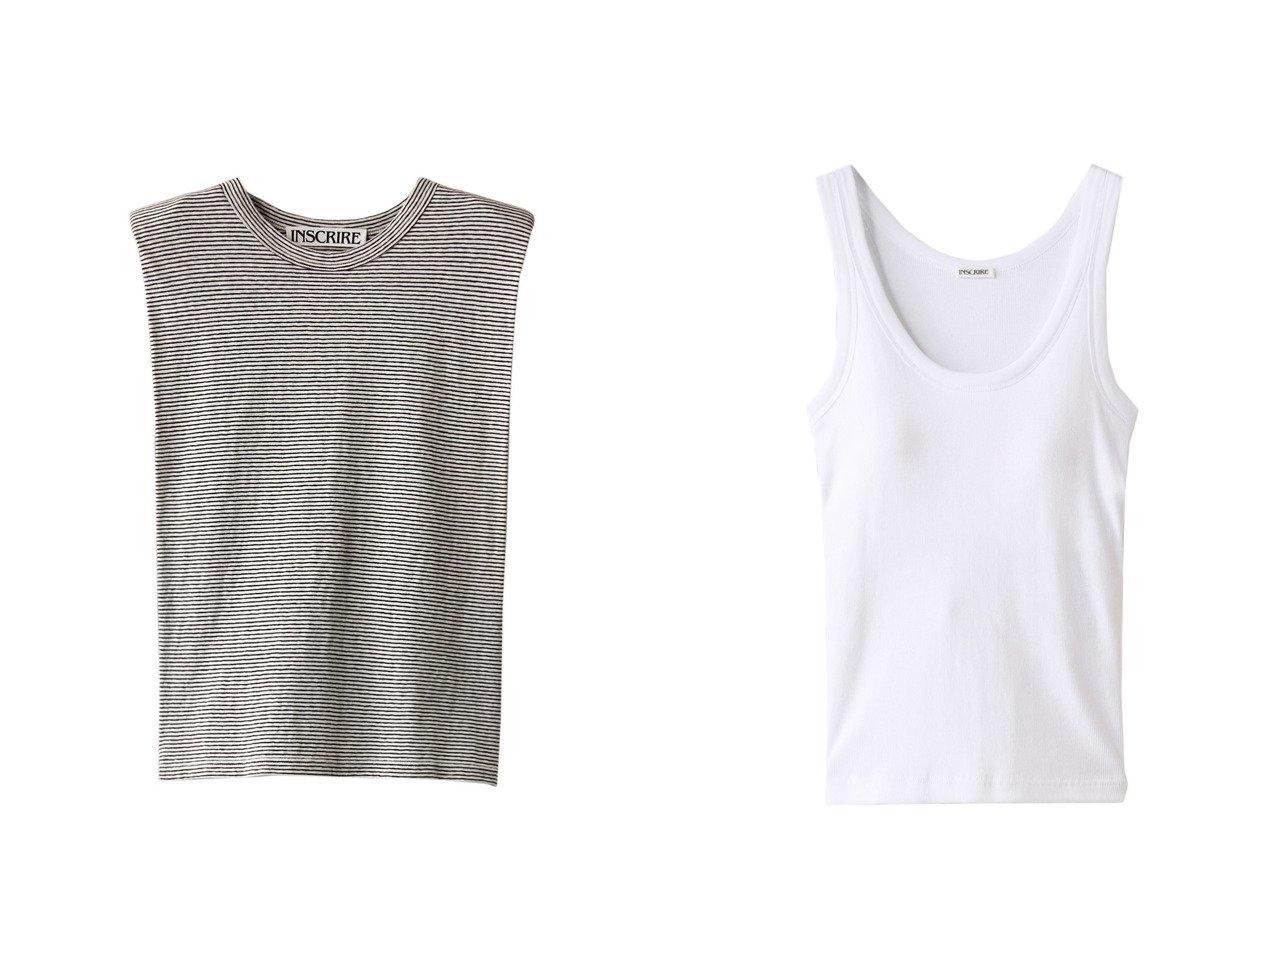 【INSCRIRE/アンスクリア】のコットンショルダーTシャツ&ジオラマテレコタンクトップ INSCRIREのおすすめ!人気、トレンド・レディースファッションの通販 おすすめで人気の流行・トレンド、ファッションの通販商品 メンズファッション・キッズファッション・インテリア・家具・レディースファッション・服の通販 founy(ファニー) https://founy.com/ ファッション Fashion レディースファッション WOMEN トップス Tops Tshirt シャツ/ブラウス Shirts Blouses ロング / Tシャツ T-Shirts カットソー Cut and Sewn キャミソール / ノースリーブ No Sleeves 2021年 2021 2021 春夏 S/S SS Spring/Summer 2021 S/S 春夏 SS Spring/Summer ショルダー ショート シンプル スリーブ 春 Spring  ID:crp329100000019485